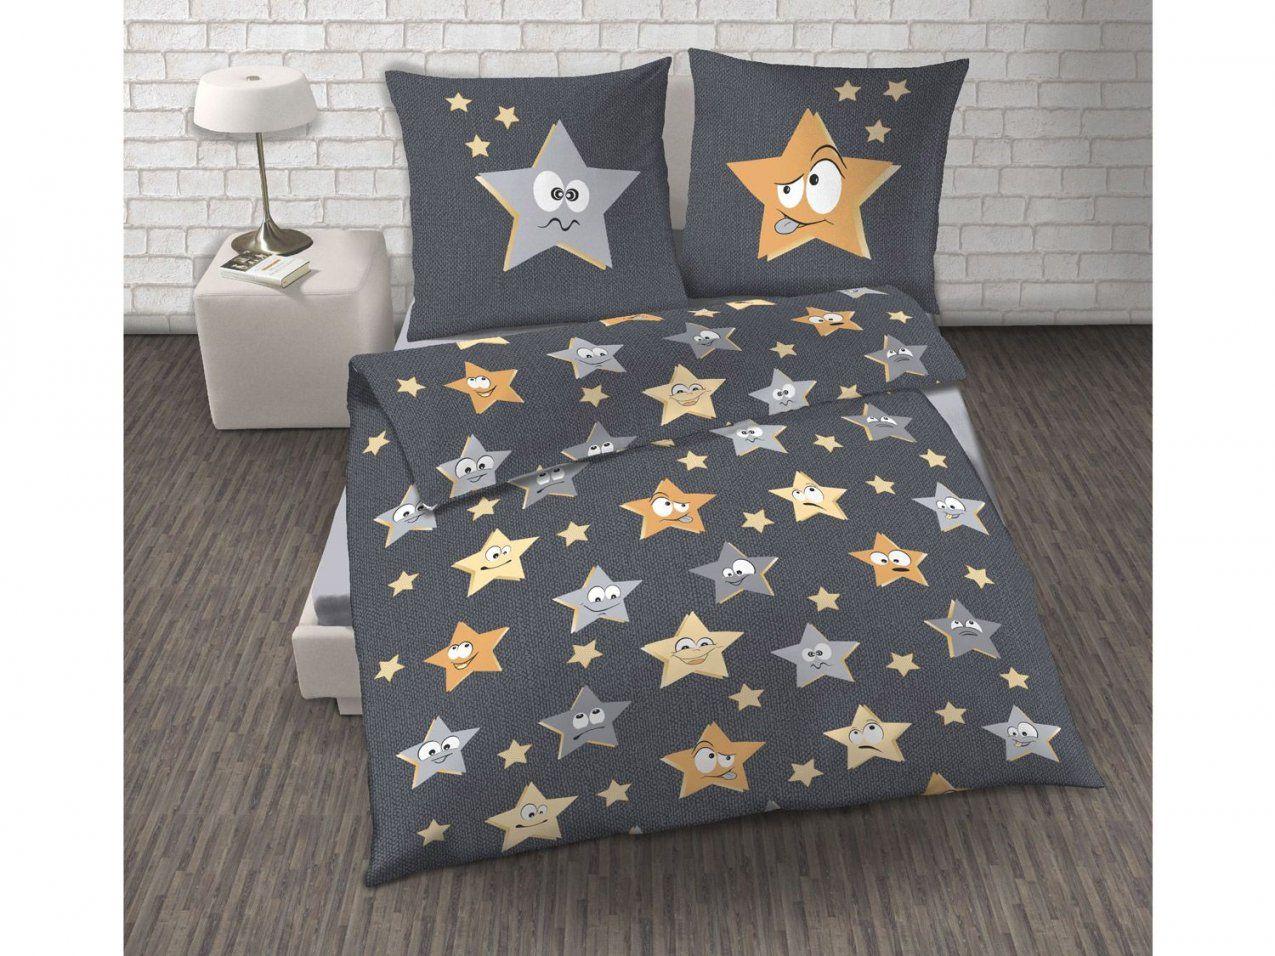 Dobnig Biberbettwäsche Sternedesign  Lidl Deutschland  Lidl von Biber Bettwäsche Mit Sternen Bild